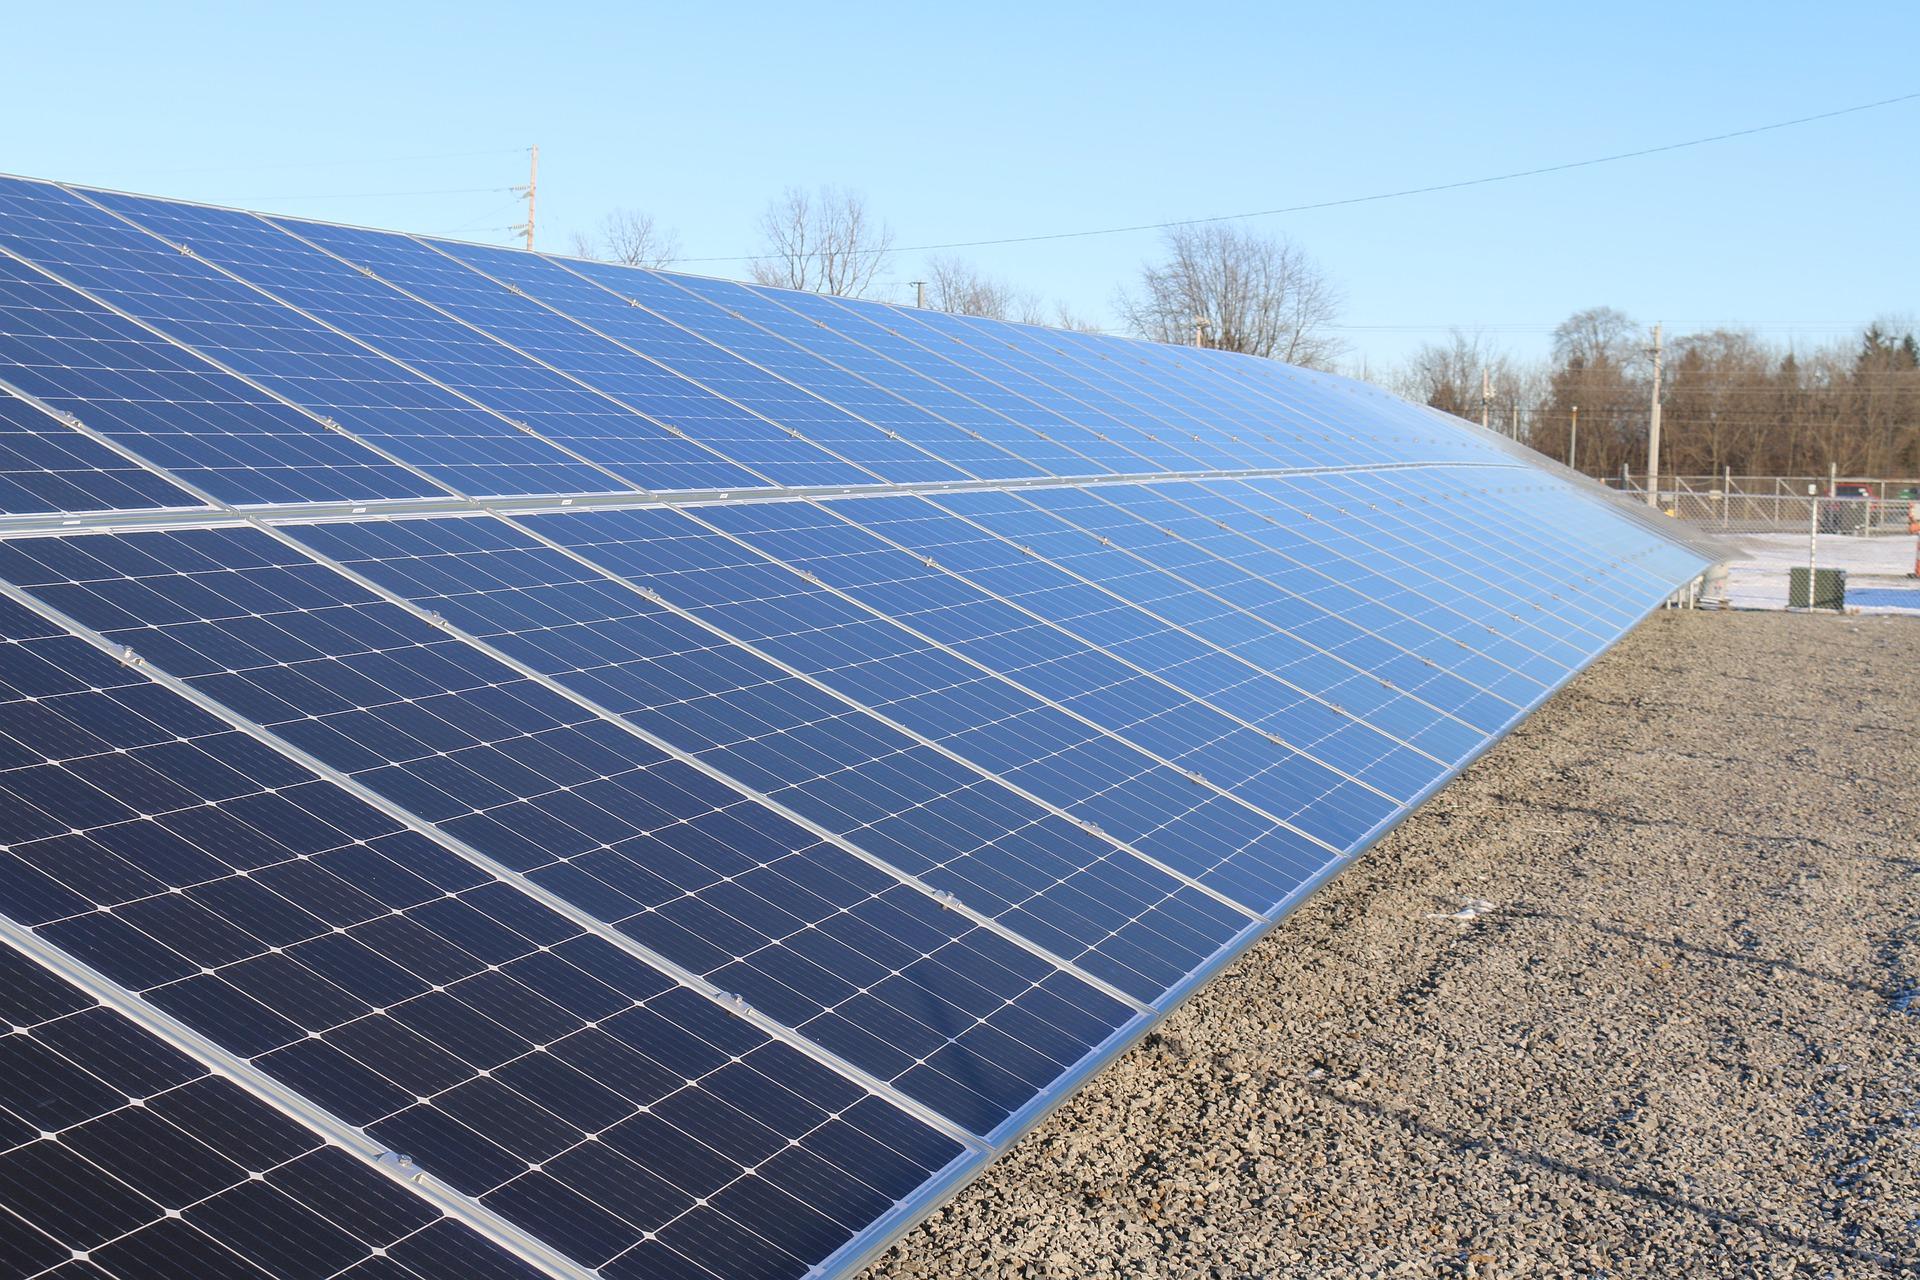 1. Die Energiewende soll vorangetrieben werden